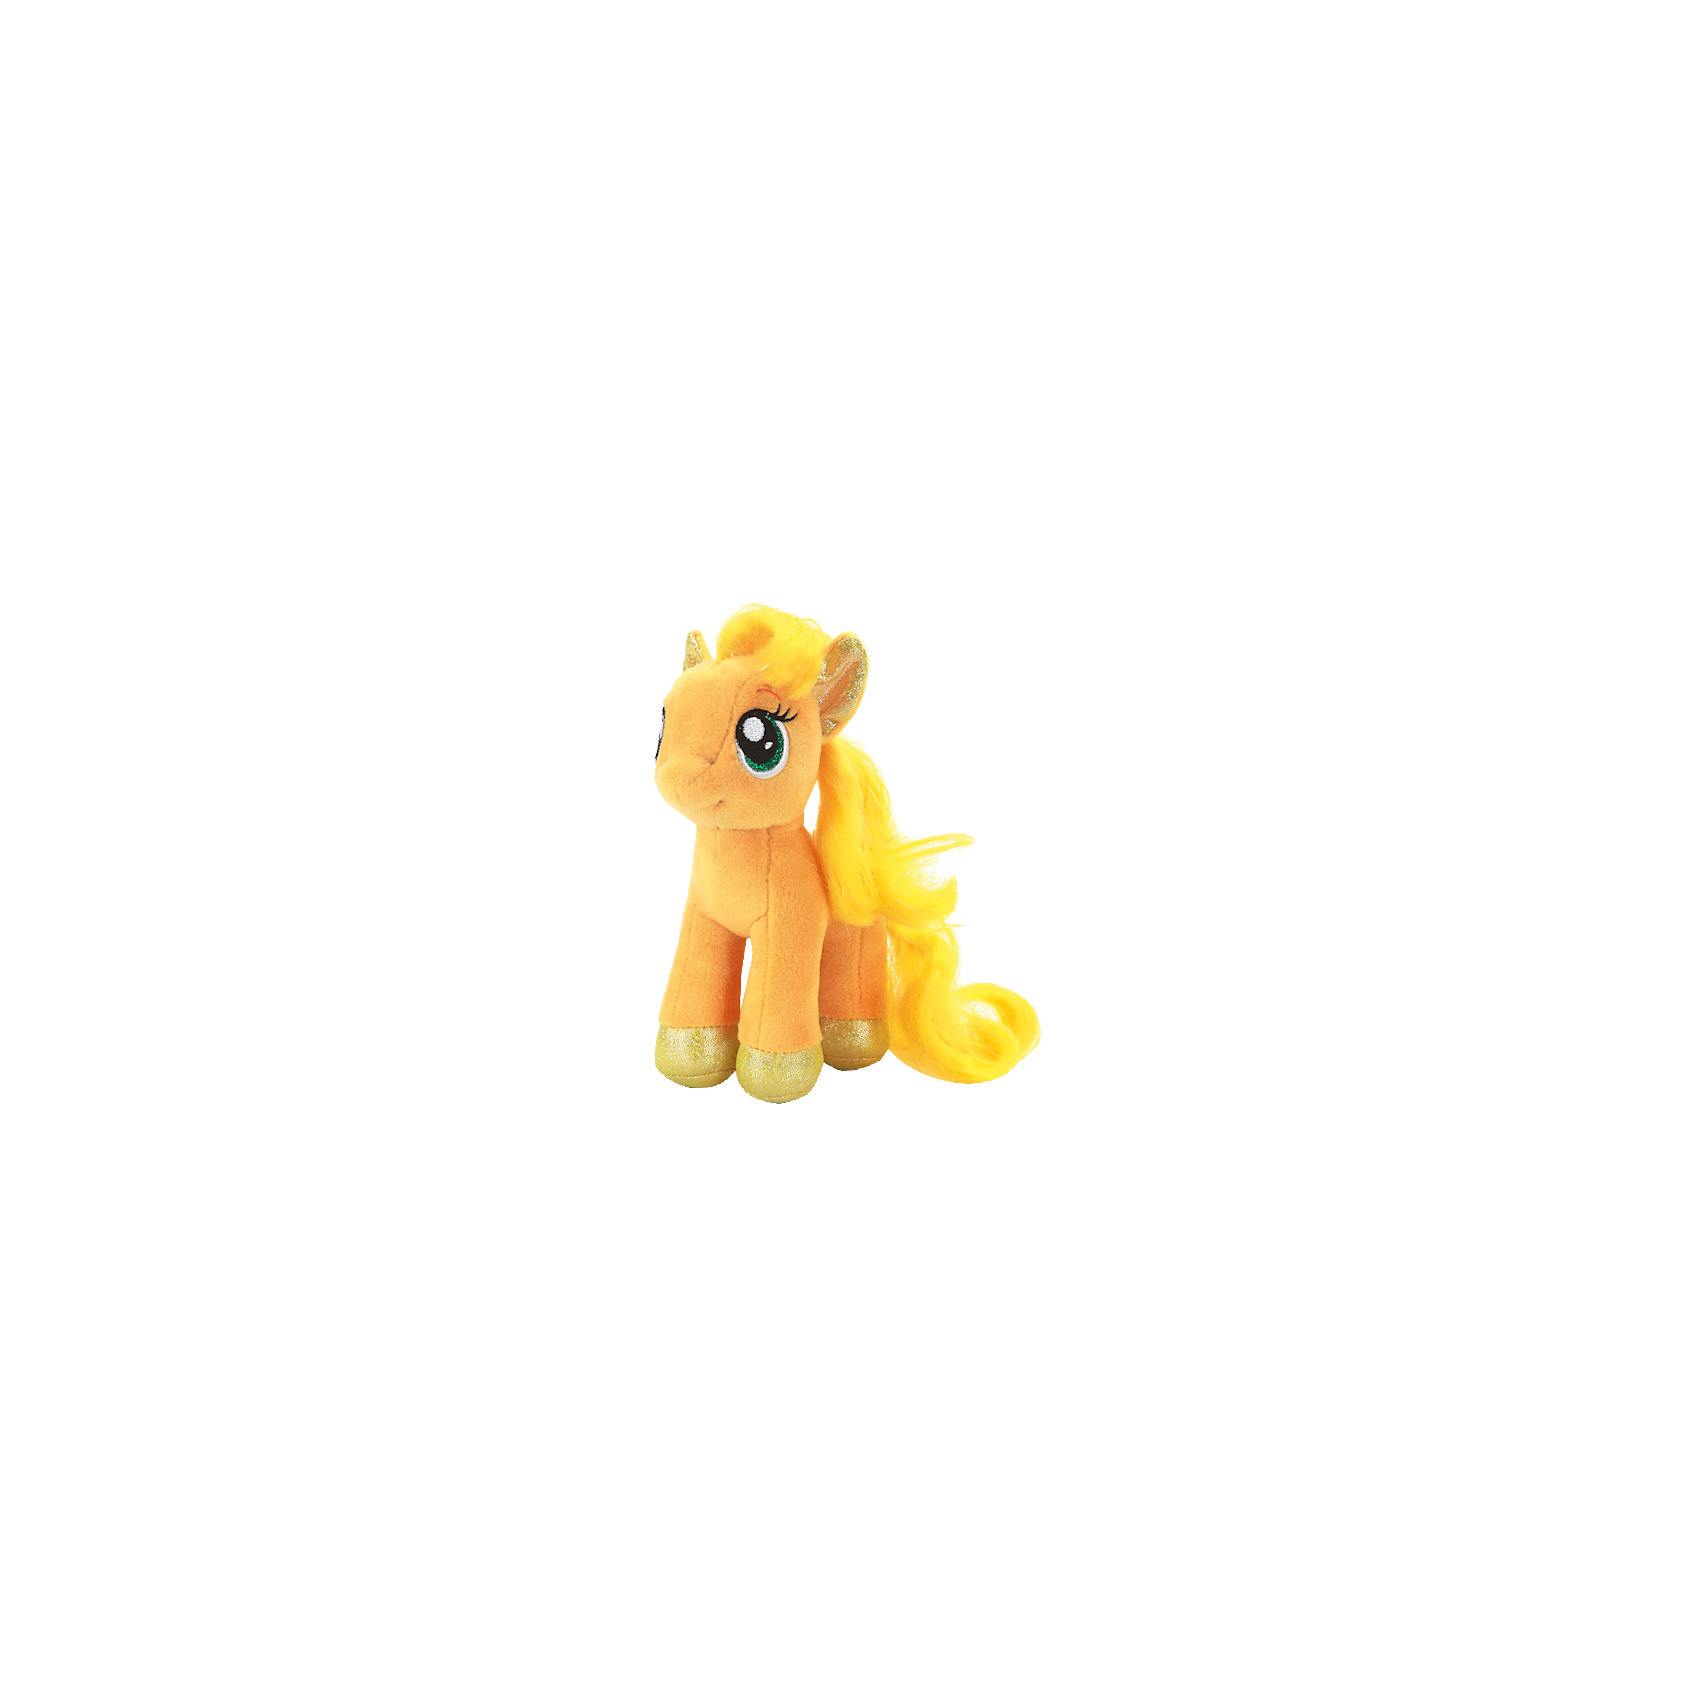 МУЛЬТИ-ПУЛЬТИ Мягкая игрушка Пони Эпплджек, 18 см, со звуком, My little Pony, МУЛЬТИ-ПУЛЬТИ мульти пульти мягкая игрушка серый мышонок 23 см со звуком кот леопольд мульти пульти